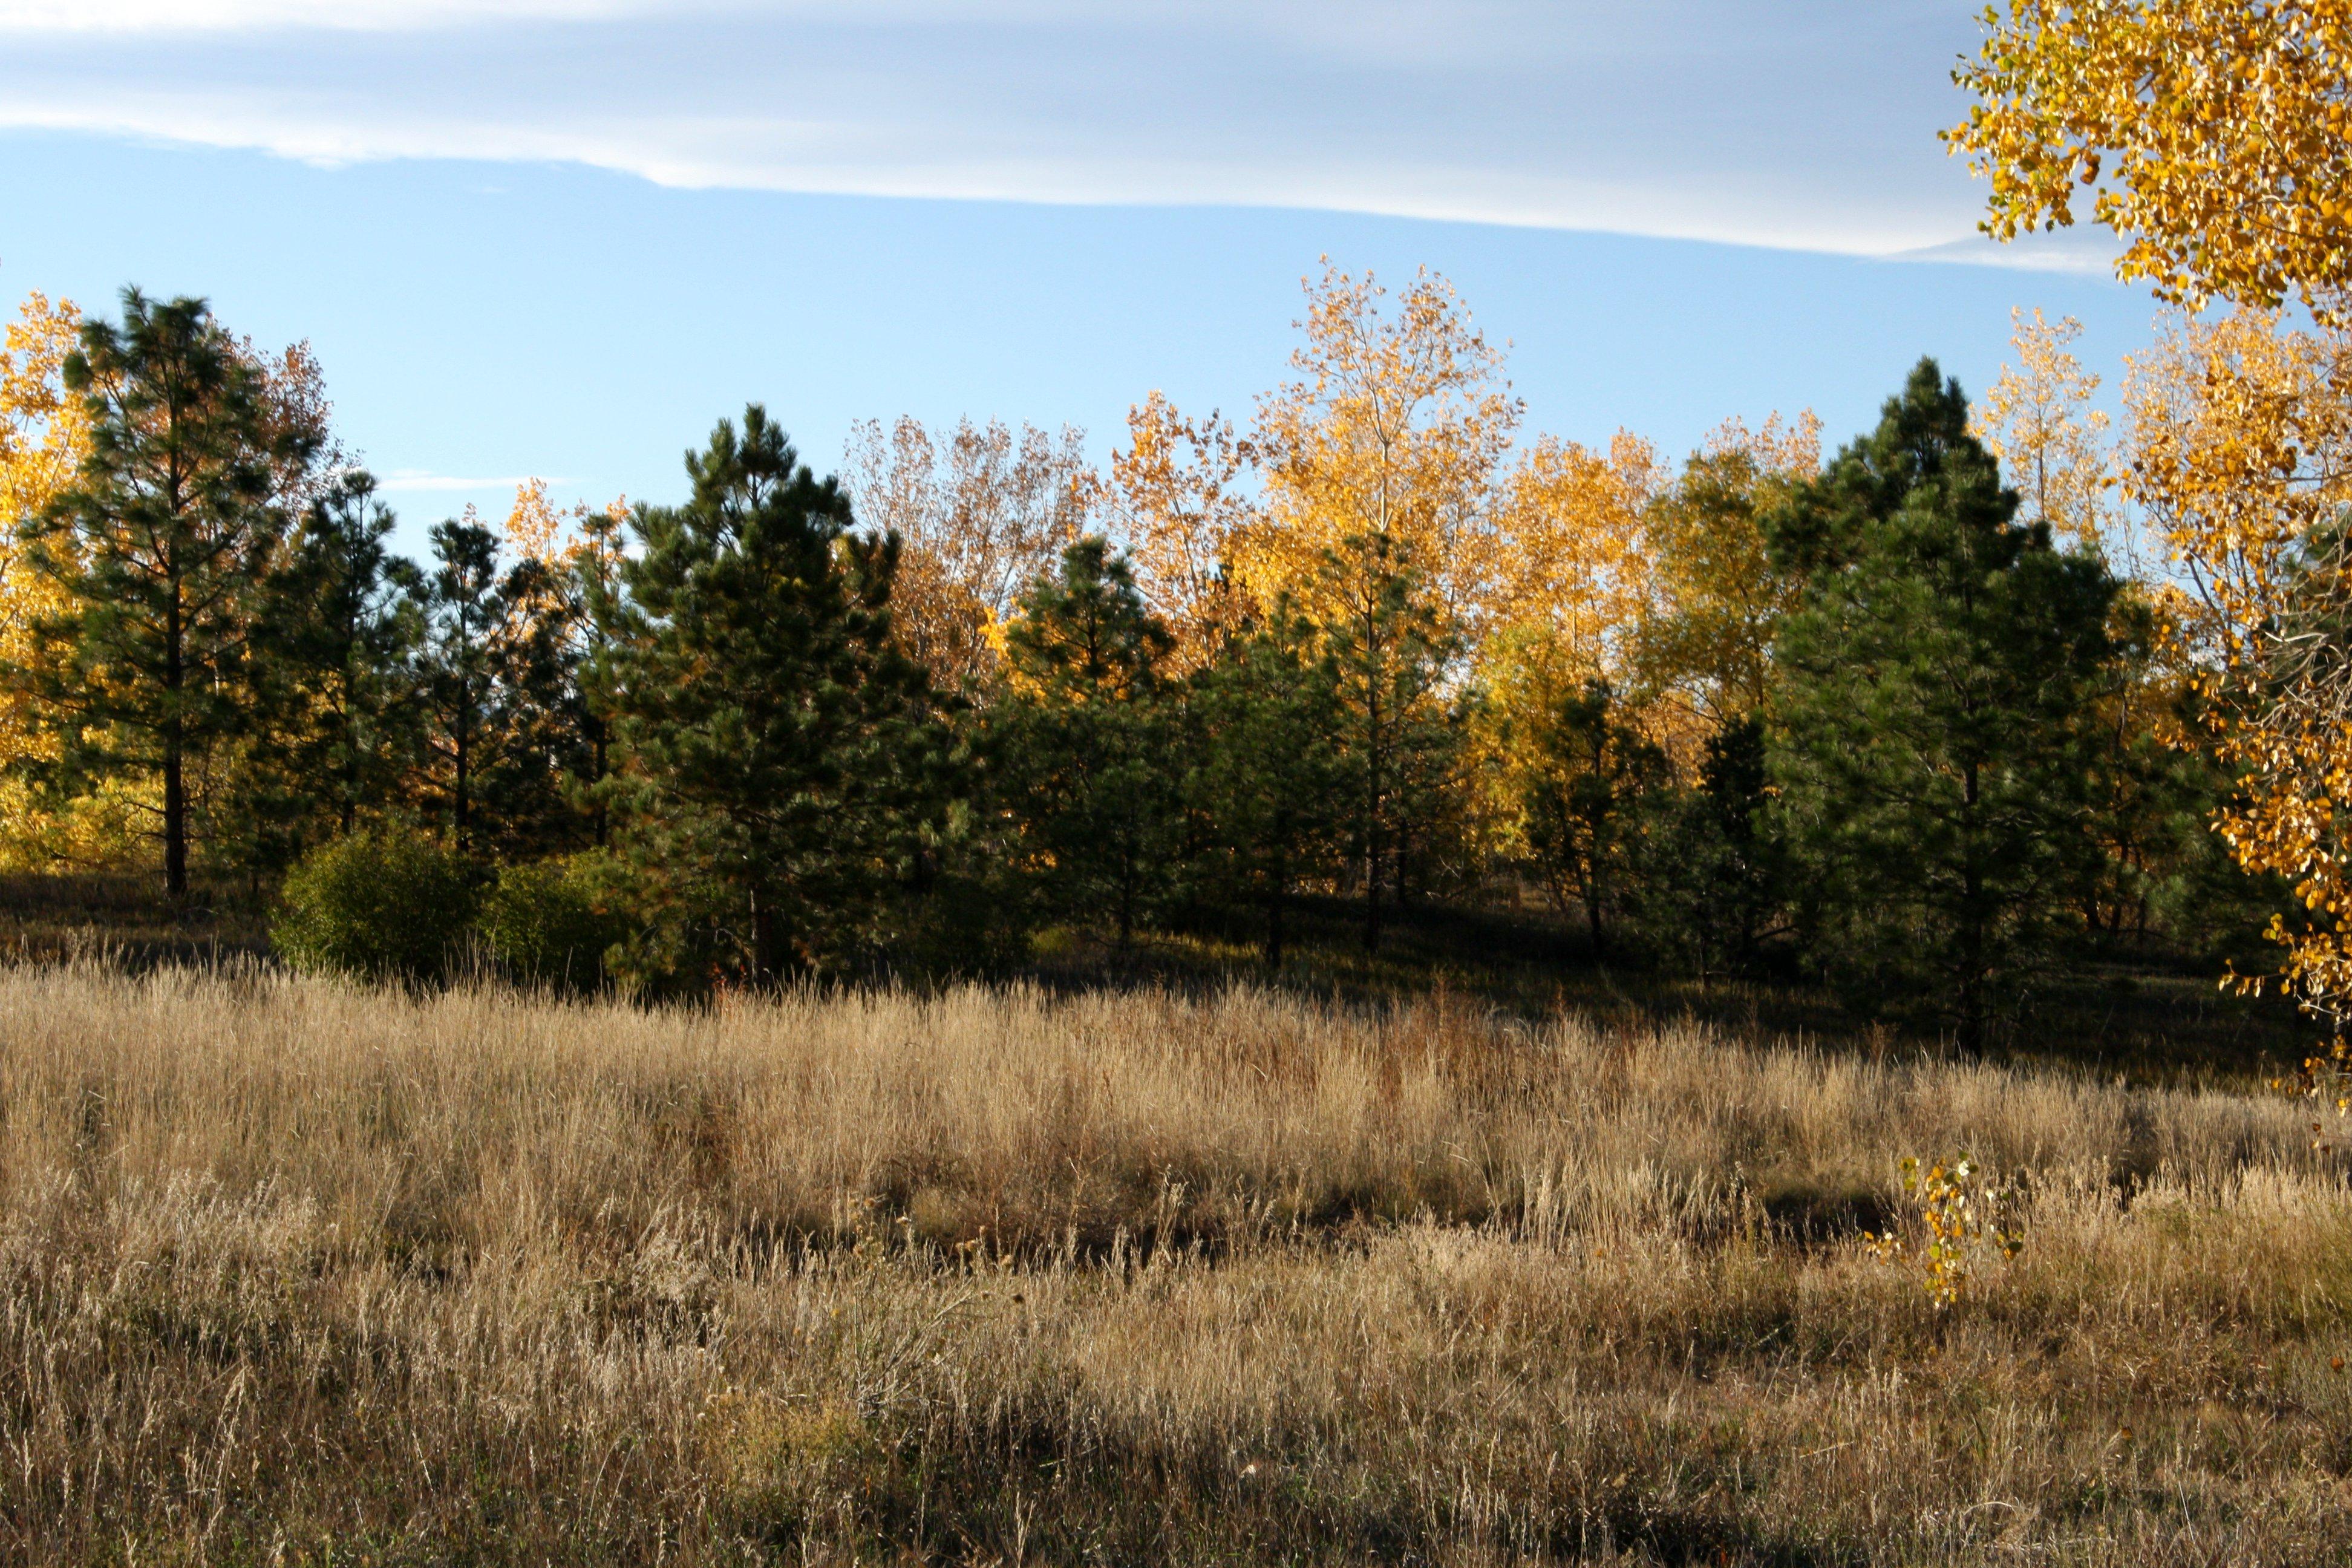 Autumn Meadow Picture Free Photograph Photos Public Domain